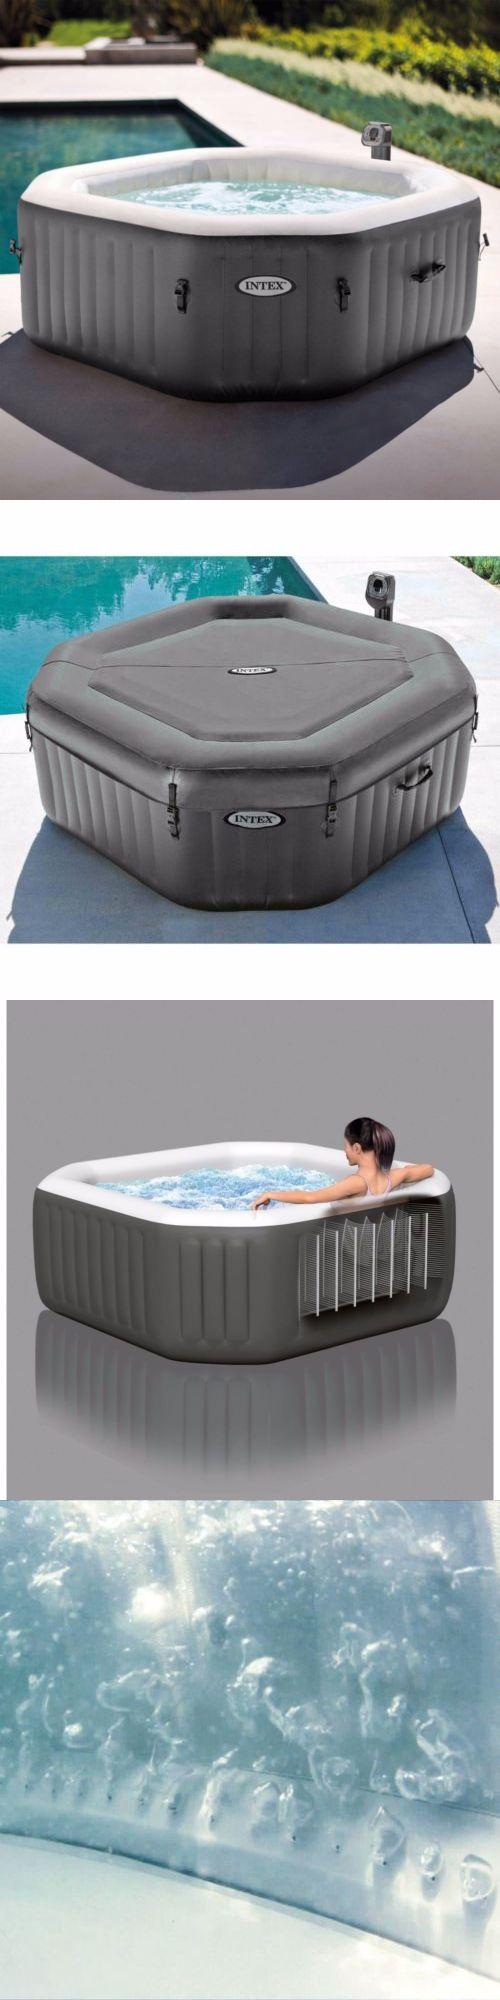 Les 25 meilleures id es de la cat gorie spa intex sur for Aspirateur piscine portable